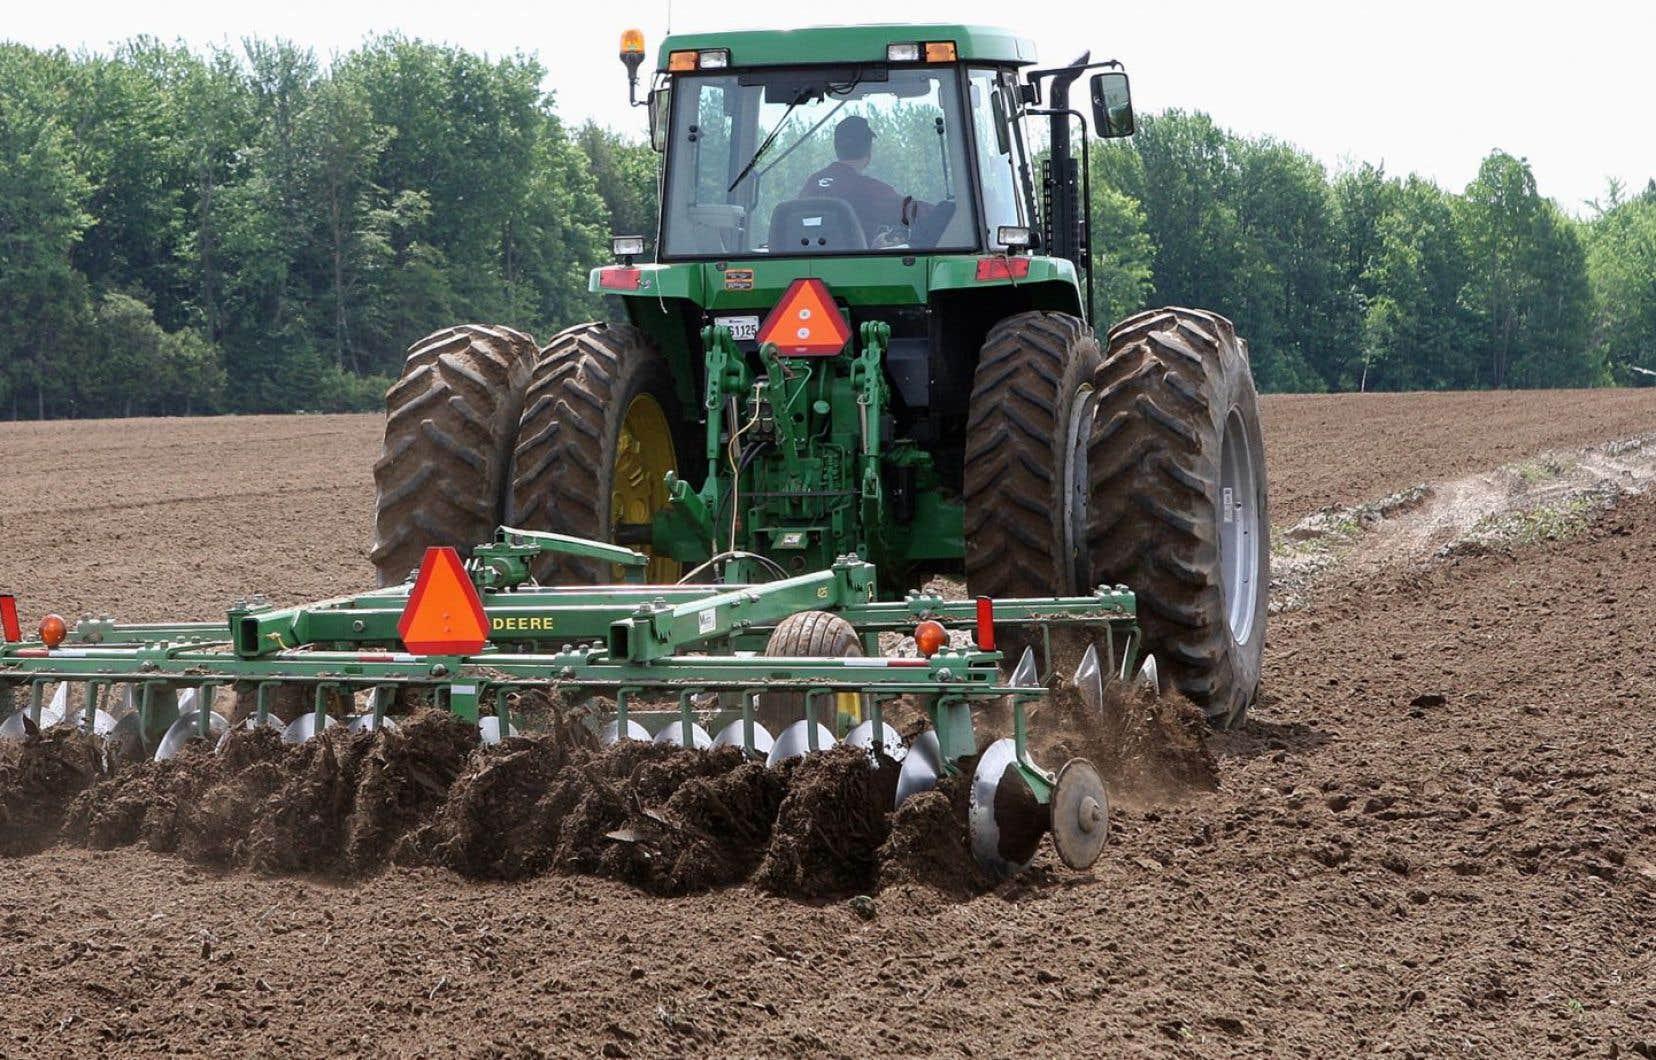 Les dates de semis ont été prorogées pour plusieurs cultures dans la plupart des régions et la pluie a retardé les récoltes de foin.